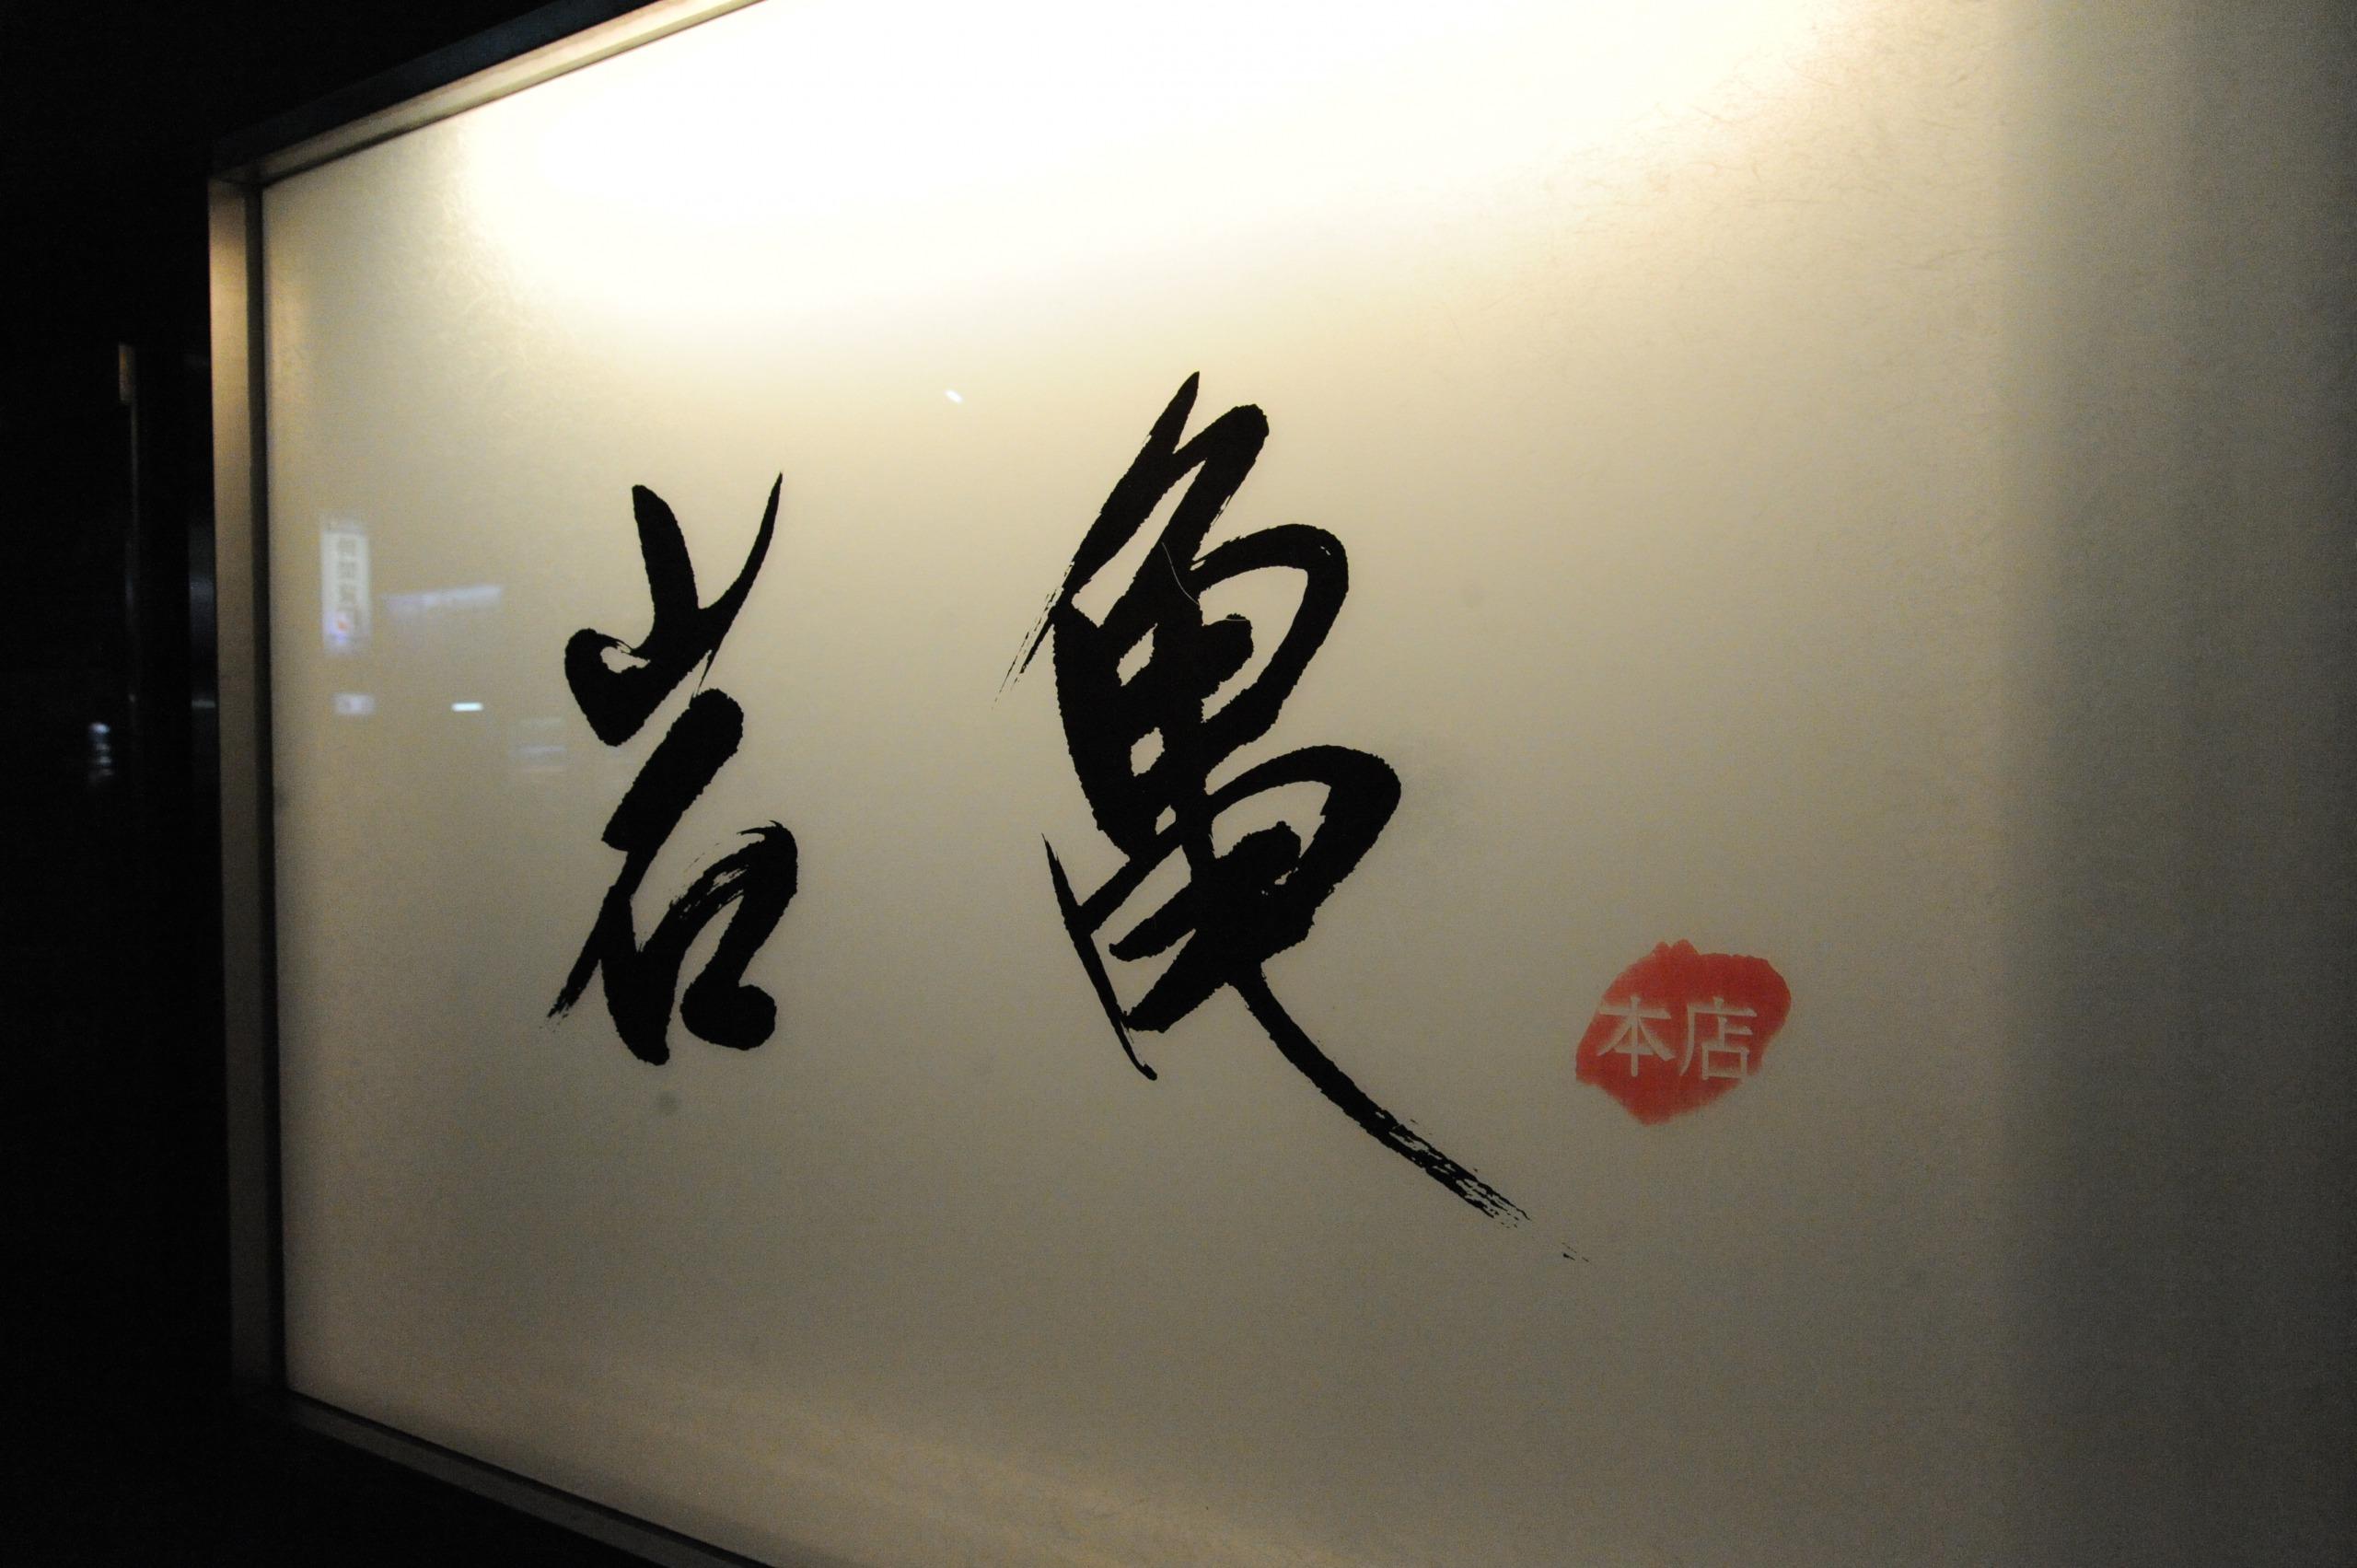 戸部の本店の他に、みなとみらいに支店があります。大田区大森の大森岩亀は先代のお弟子さんが出されたお店です。